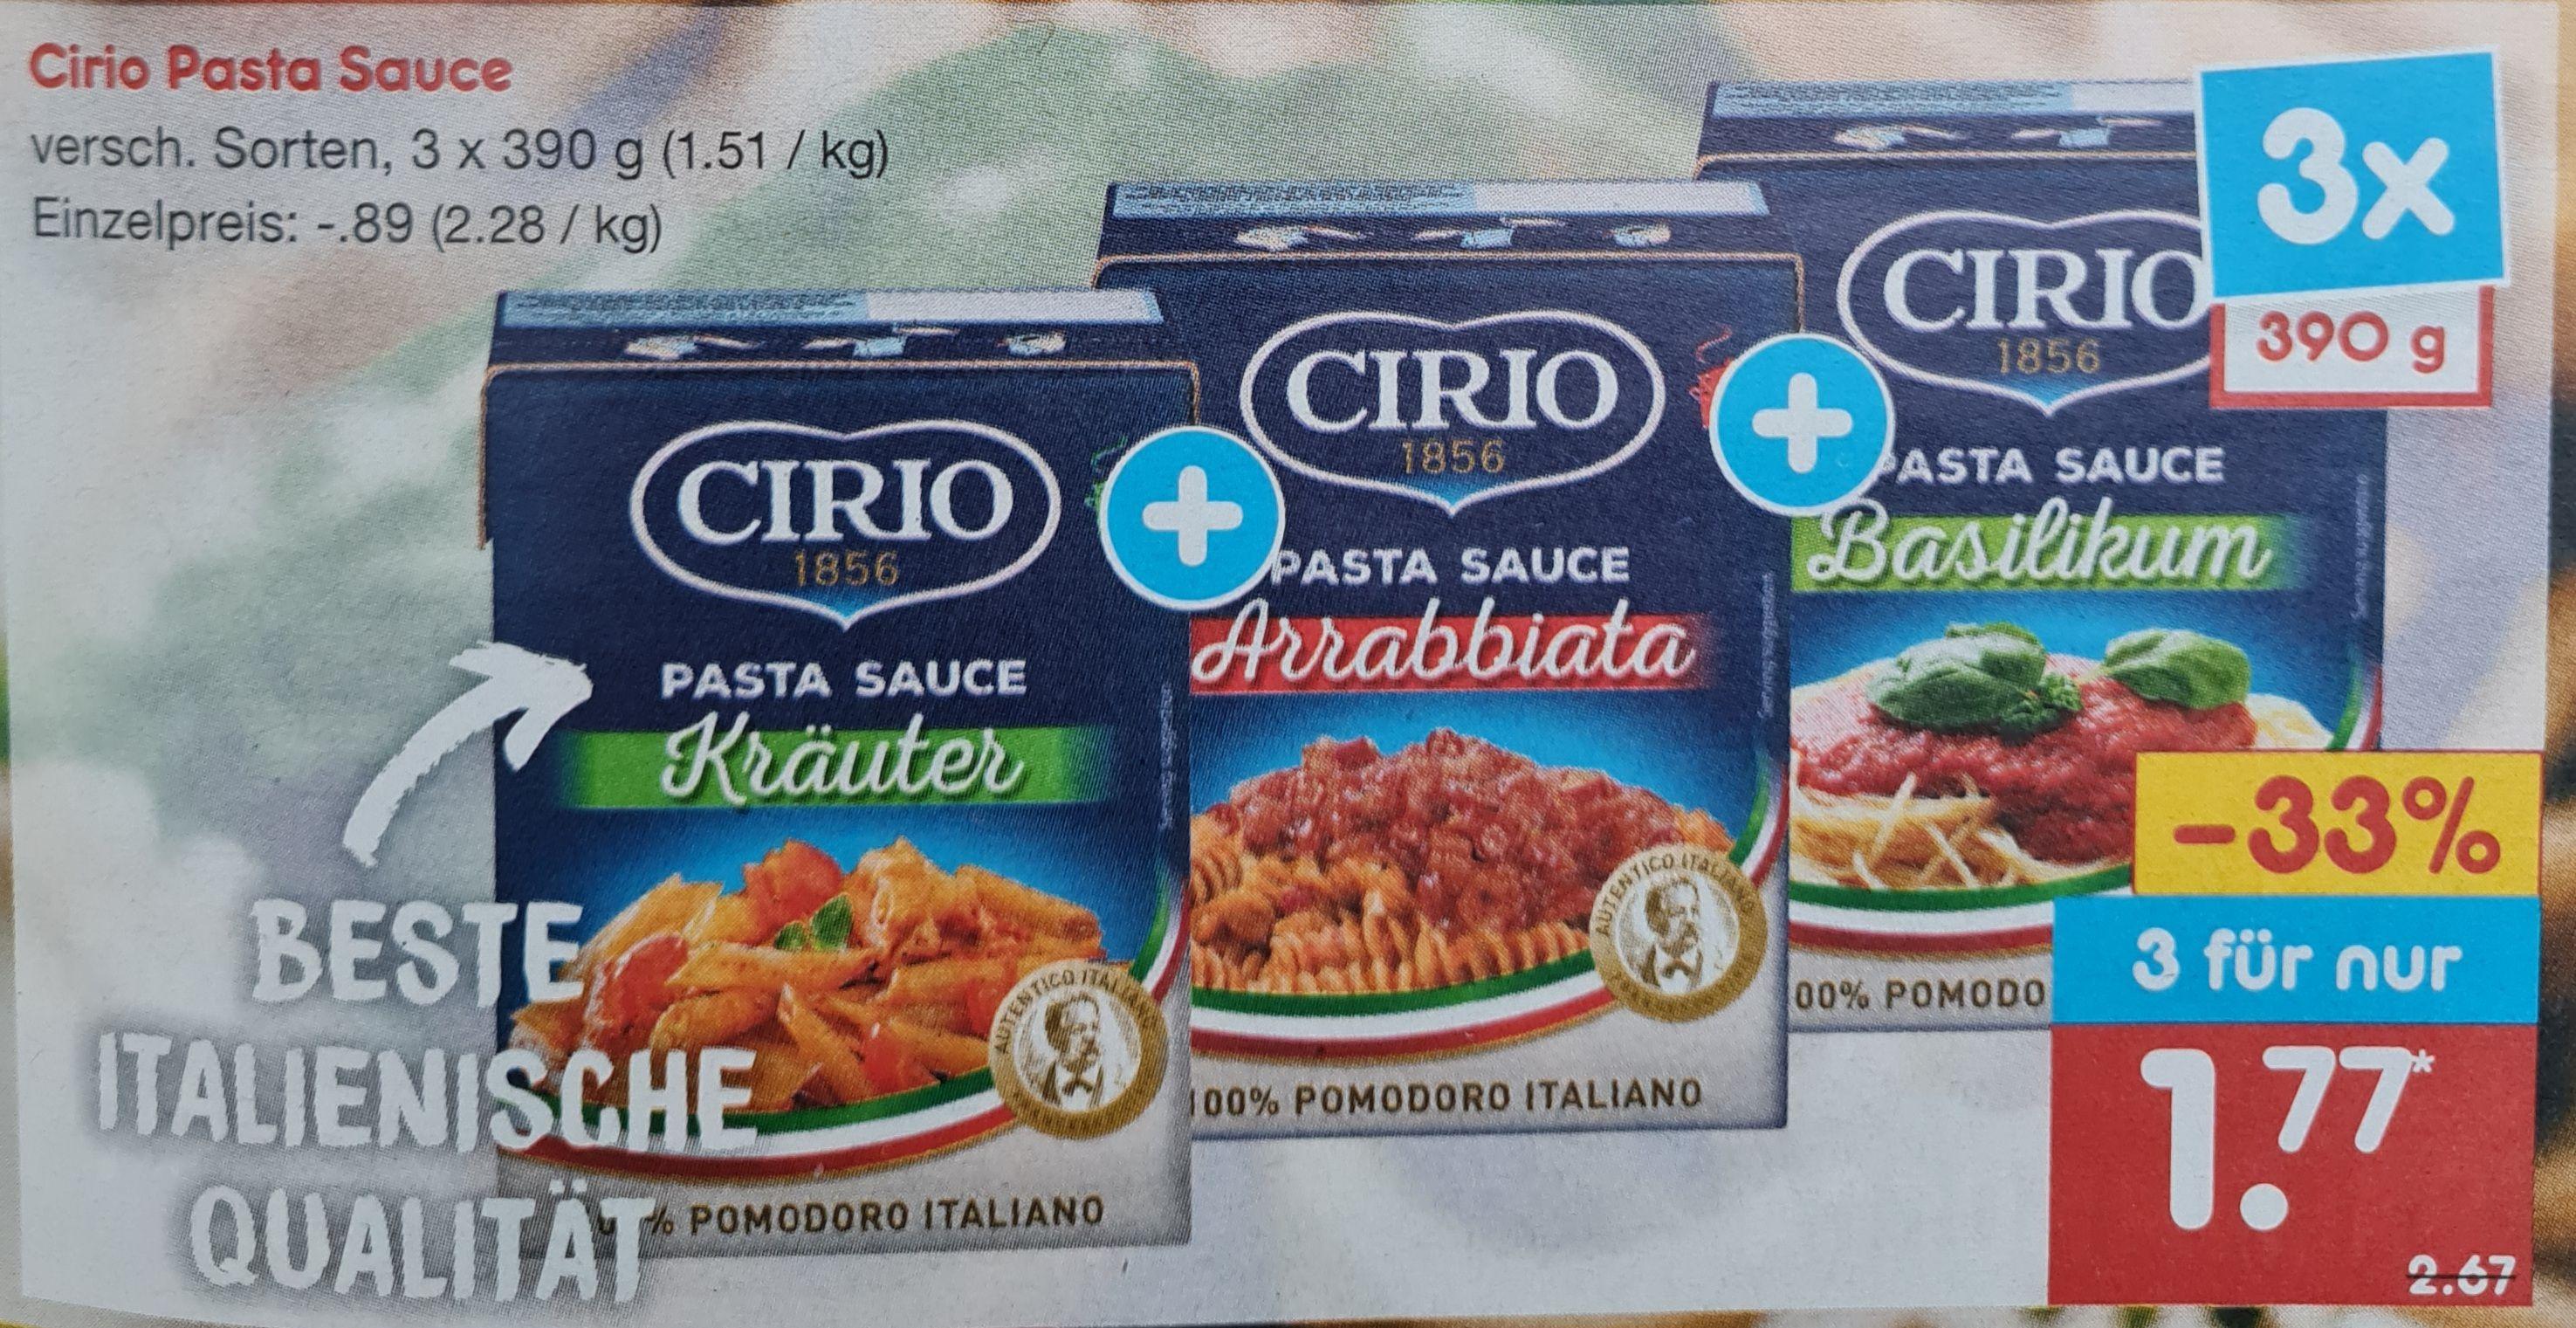 3x390 g Cirio Pasta Sauce Einzelstück 89 Cent verschiedene Sorten Netto MD ab 31.05